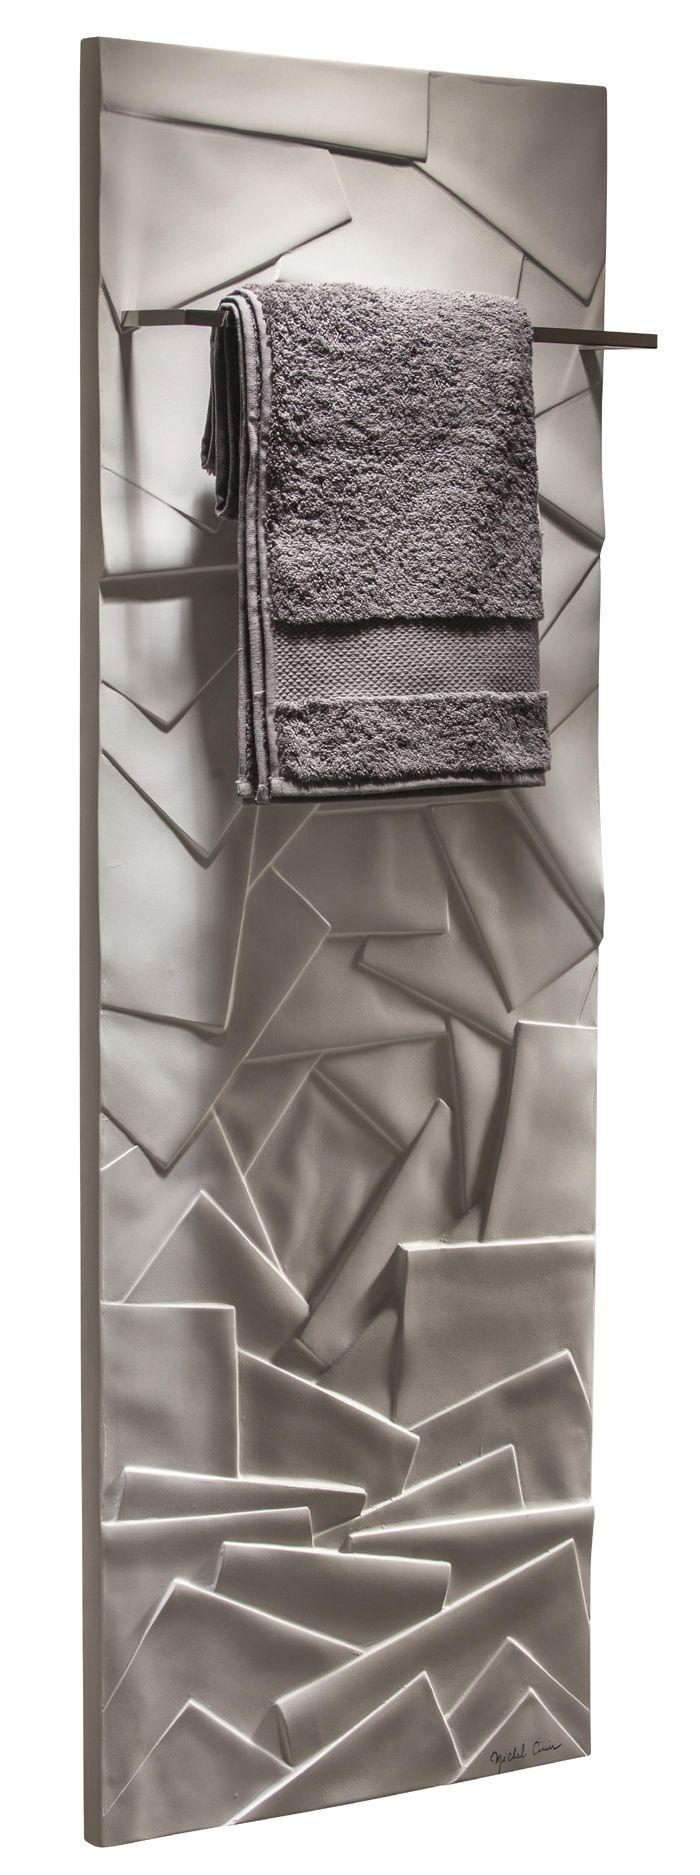 1000 idées sur le thème chauffe serviette electrique sur pinterest ...